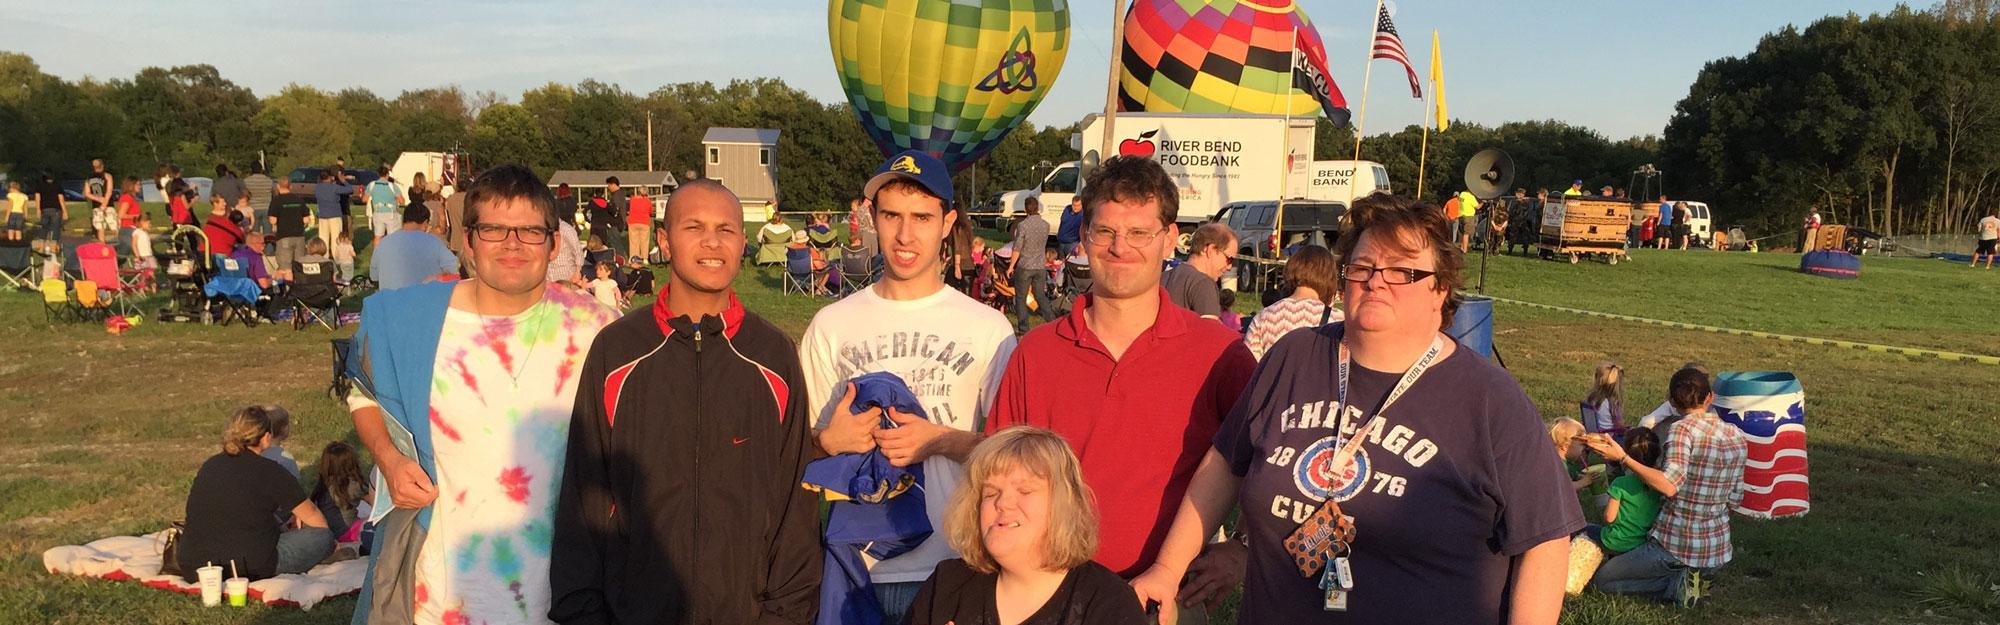 slider-balloon